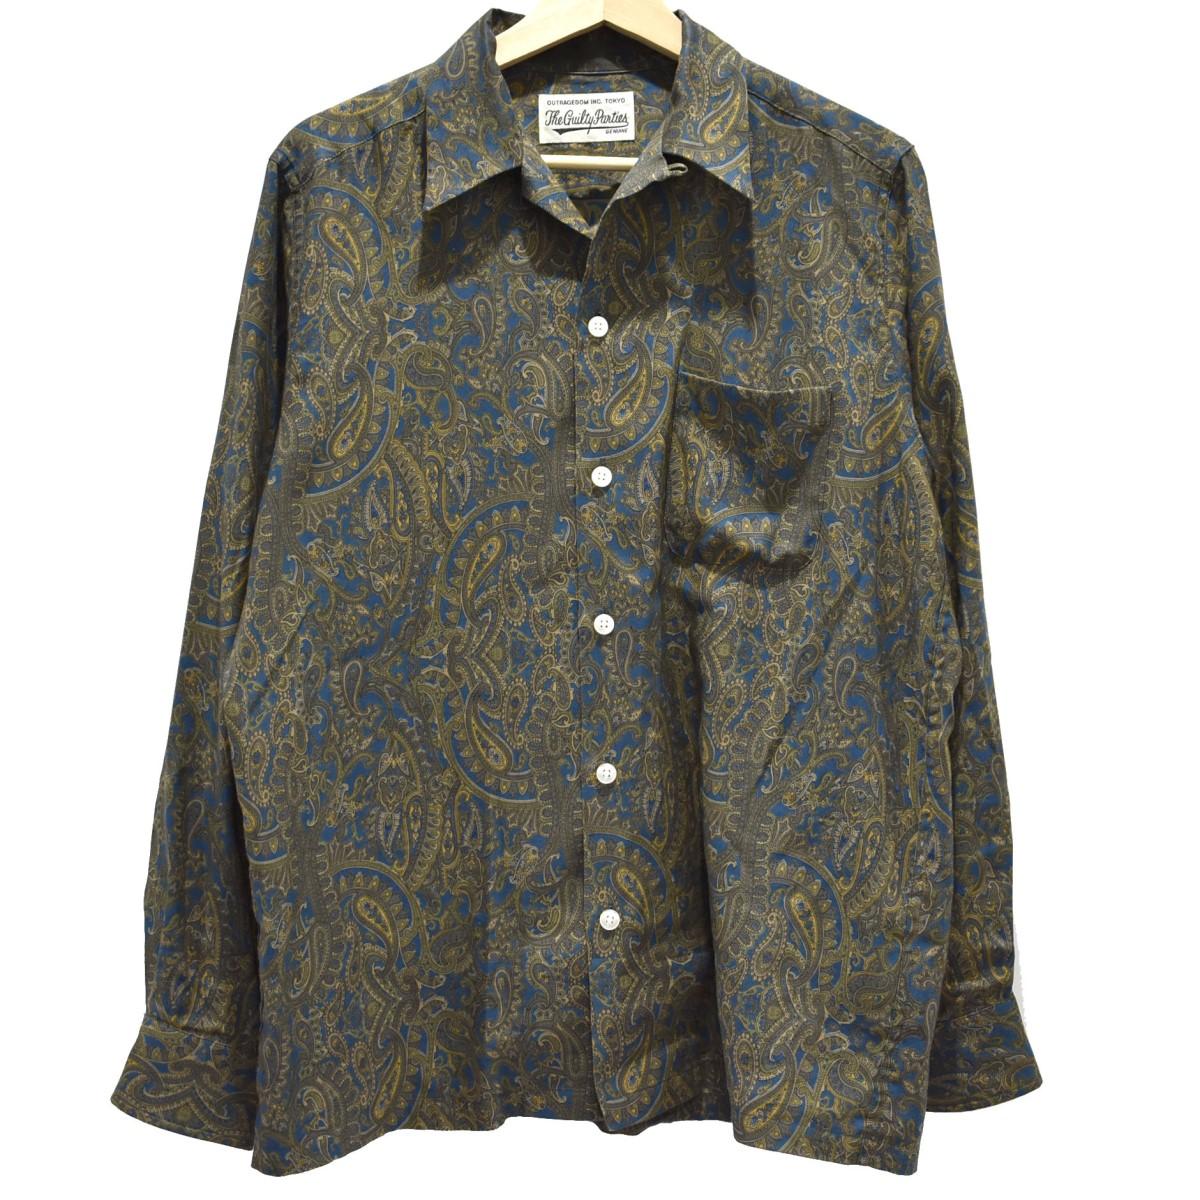 【中古】WACKO MARIA 総柄シャツ 長袖シャツ ブラウン×ブルー サイズ:M 【010420】(ワコマリア)